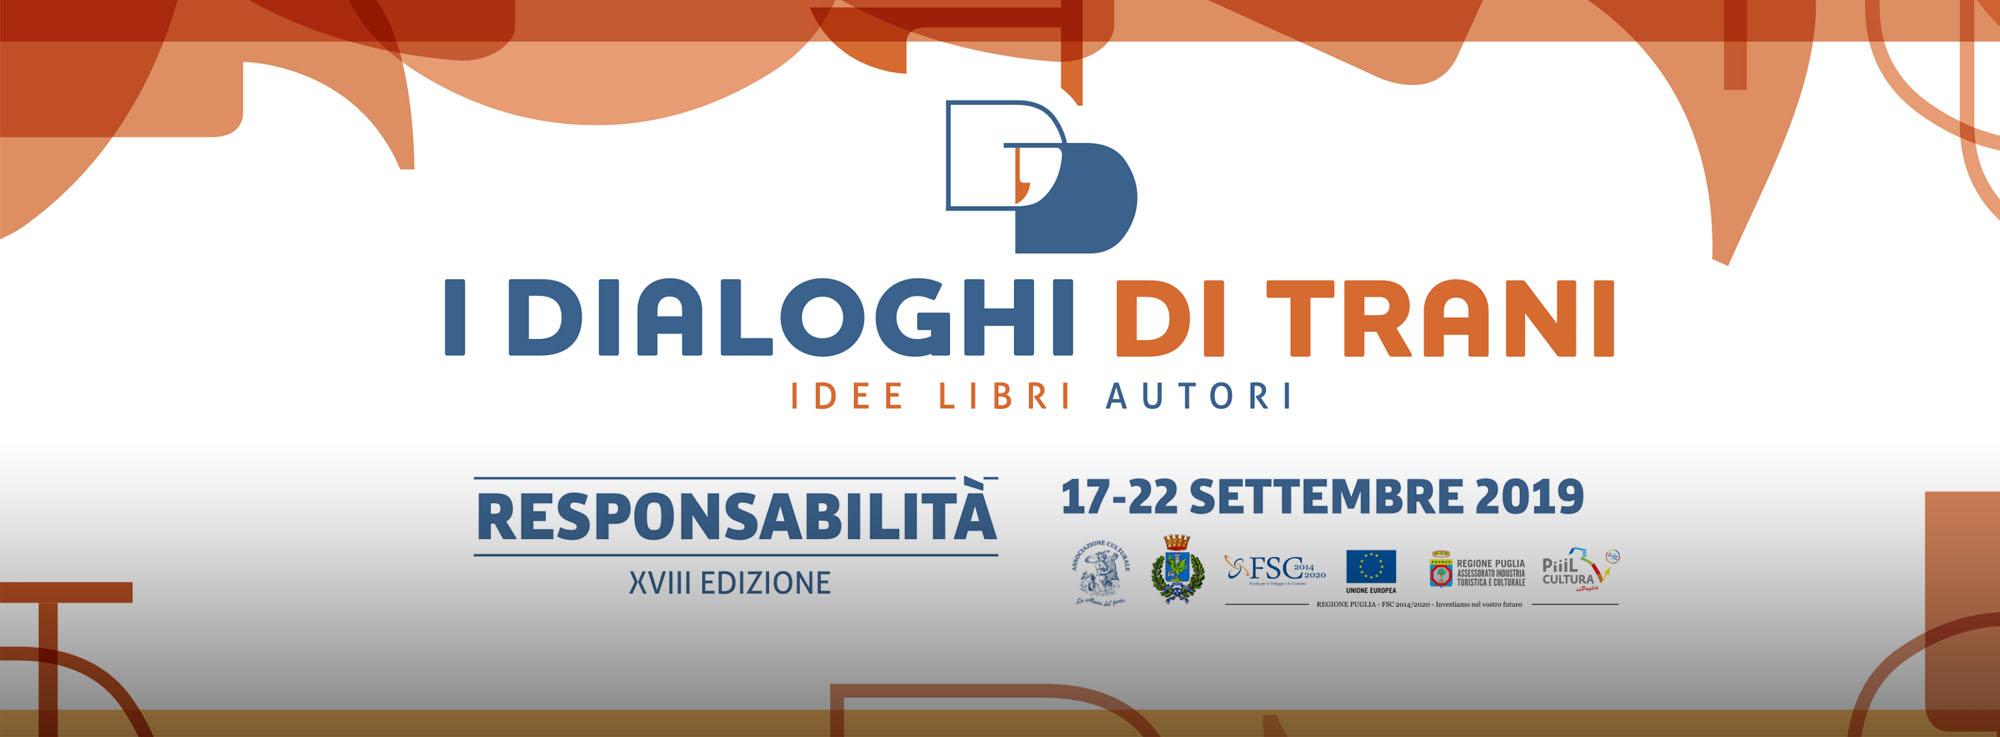 Trani, Corato, Andria, Bisceglie: Dialoghi di Trani